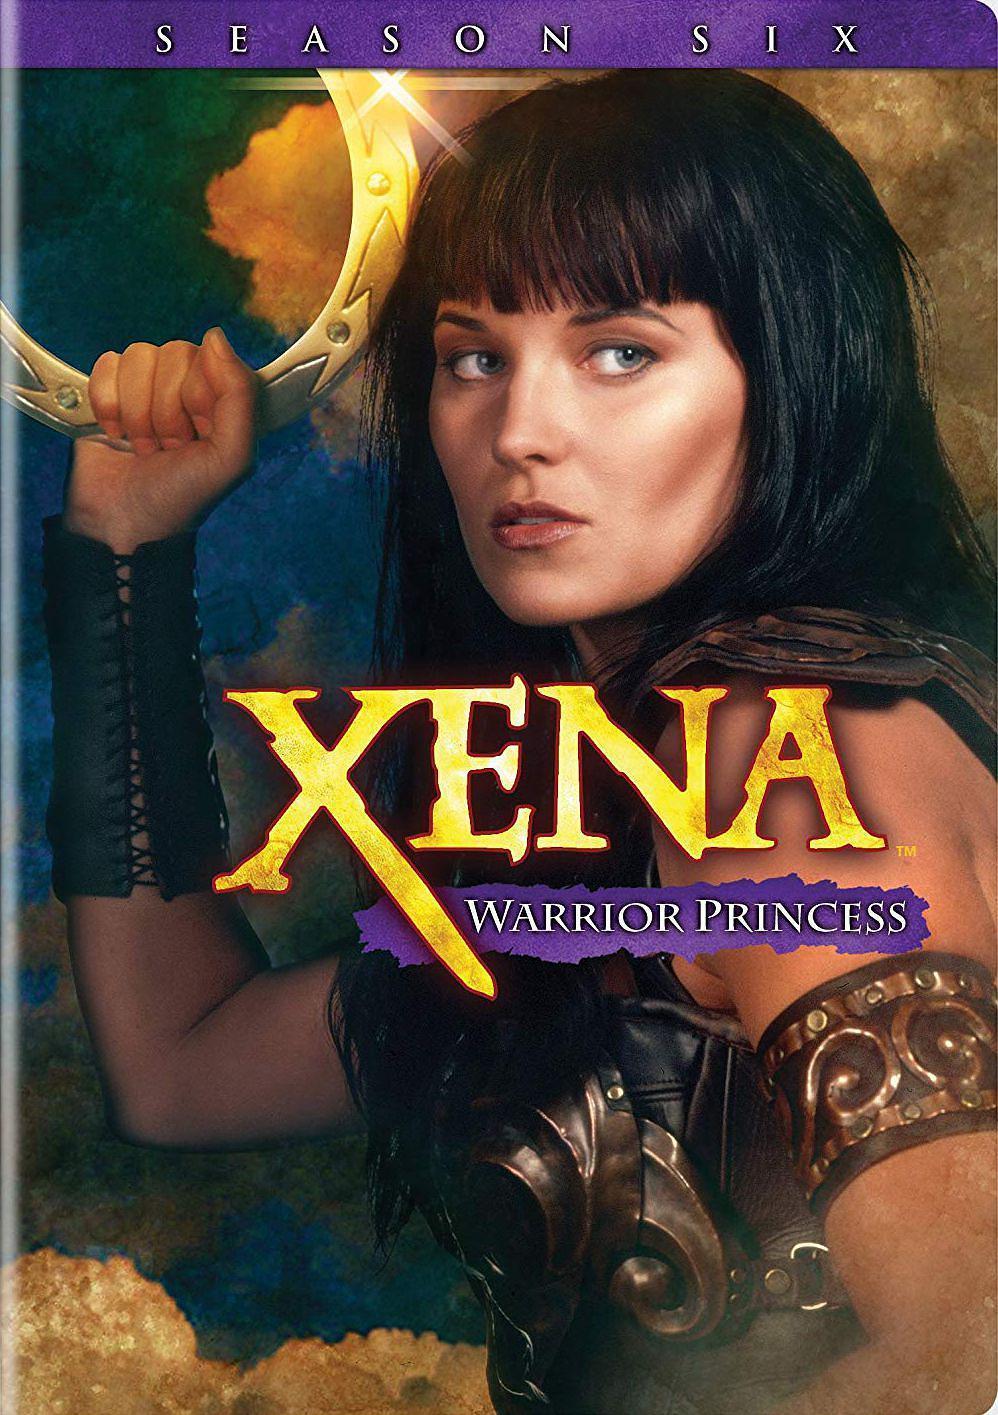 战士公主西娜 第六季